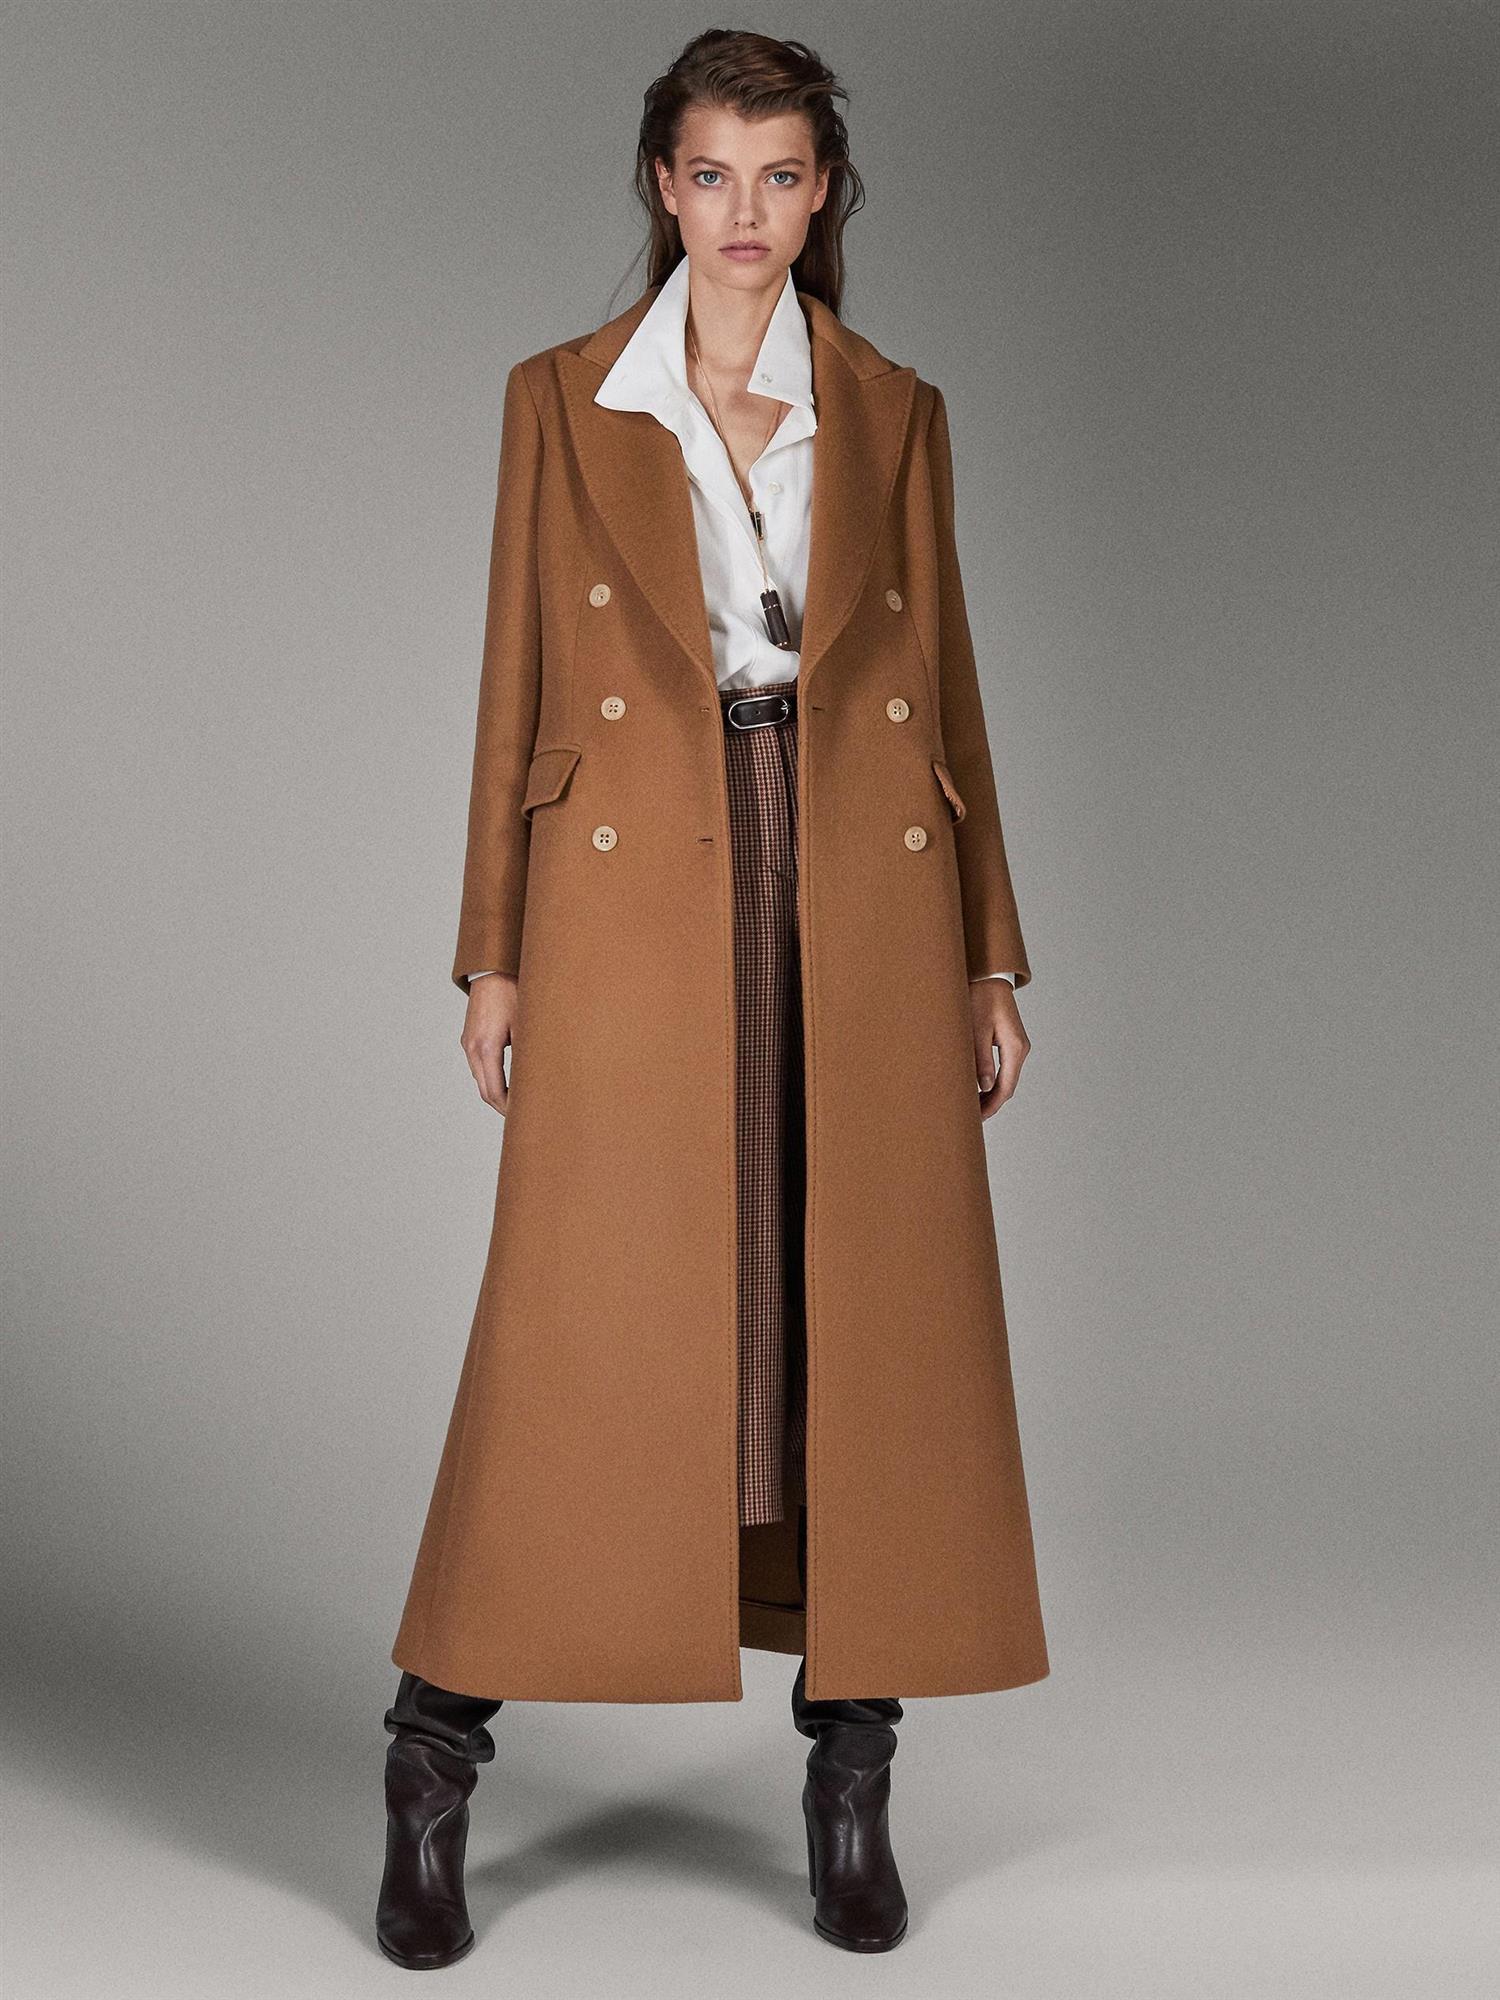 Abrigos Camel Mujer De Moda Invierno 2020 Massimo Dutti Zara Mango